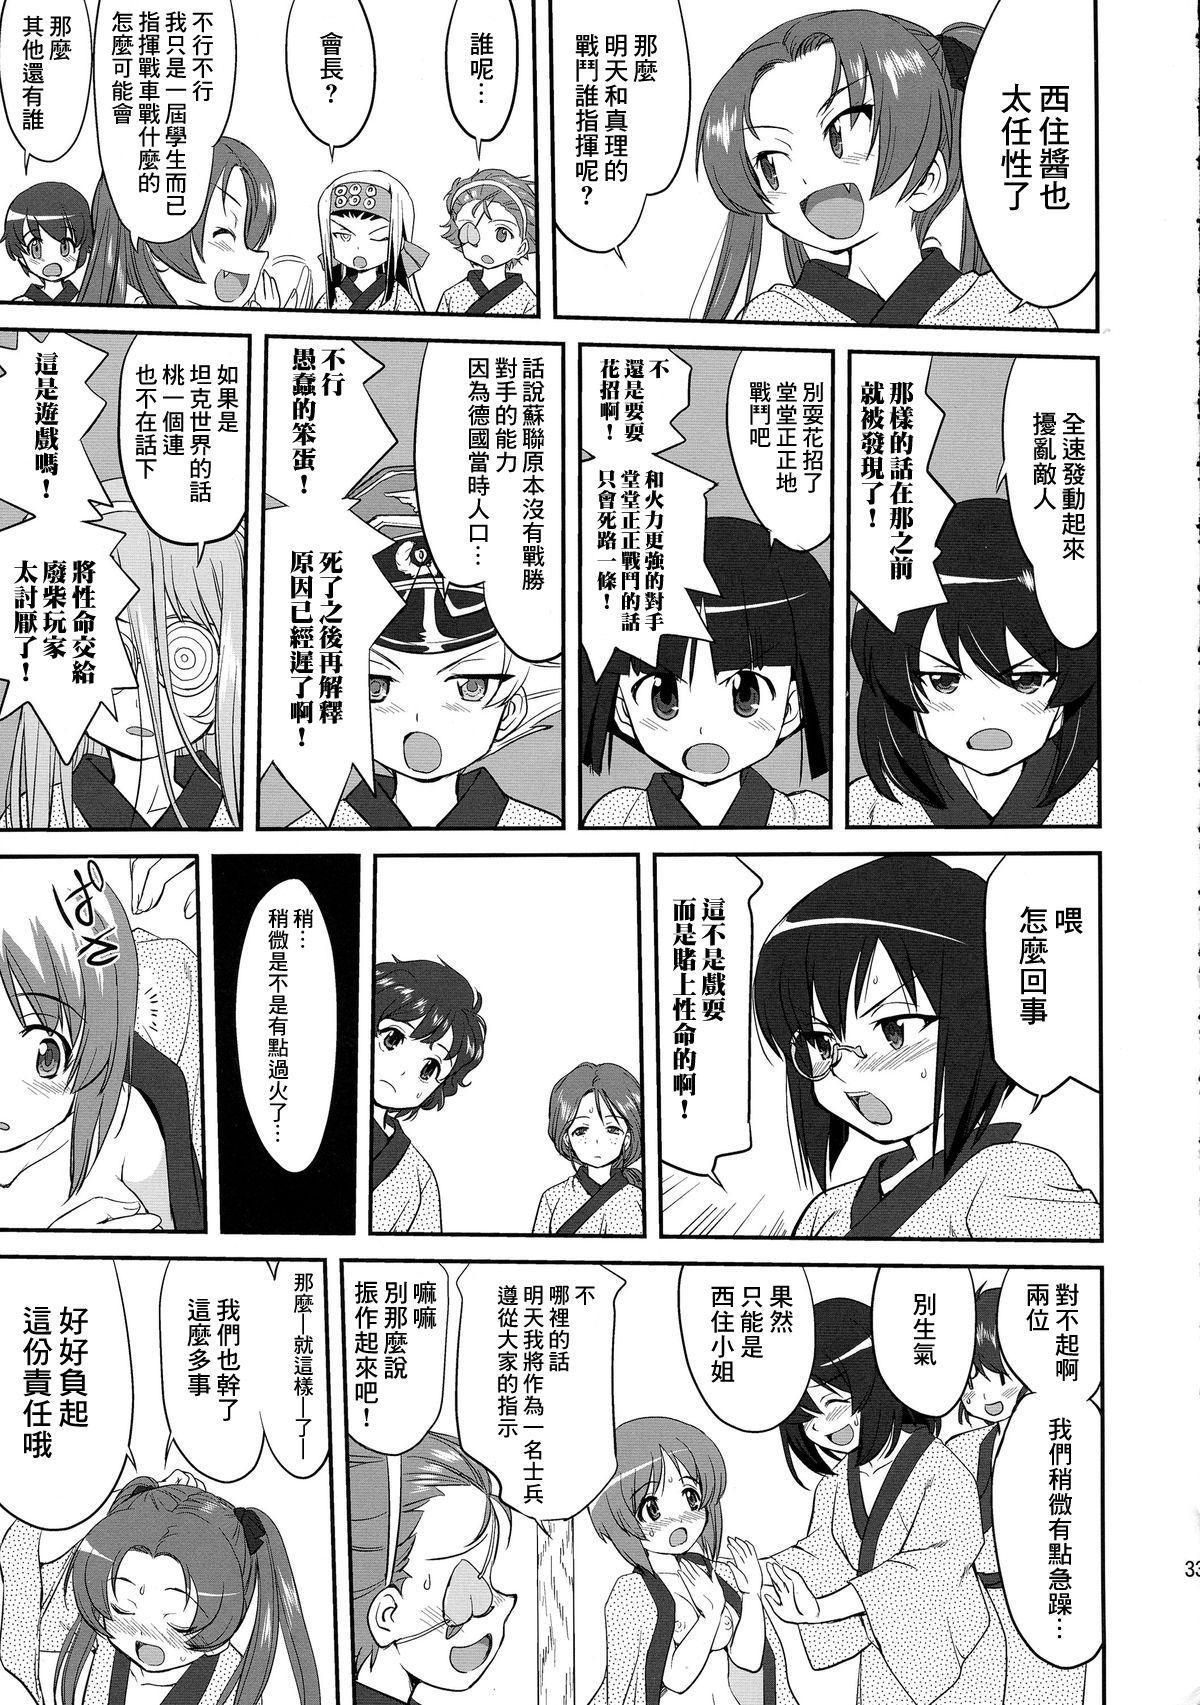 Yukiyukite Senshadou Battle of Pravda 32